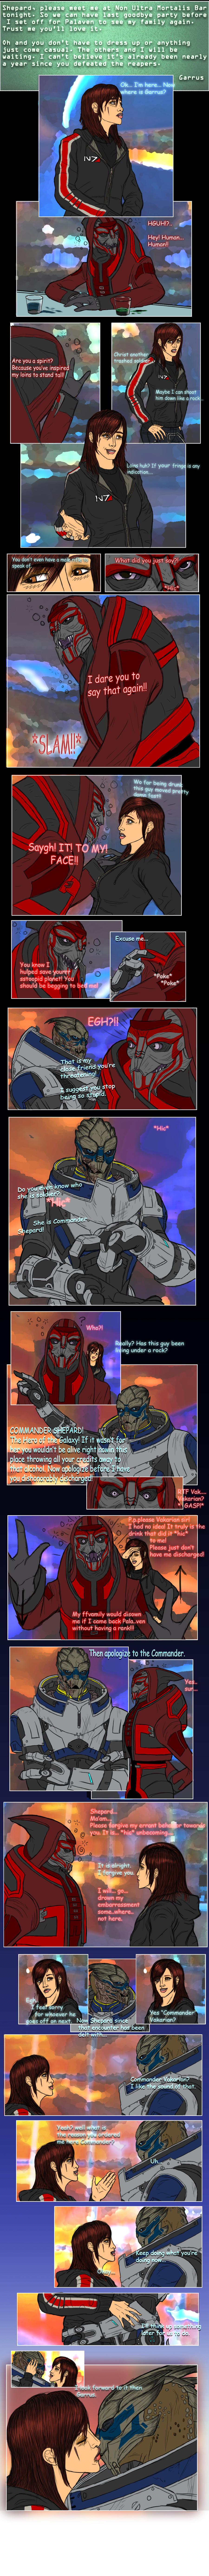 Mass Effect: Beginning A New by Guyver89